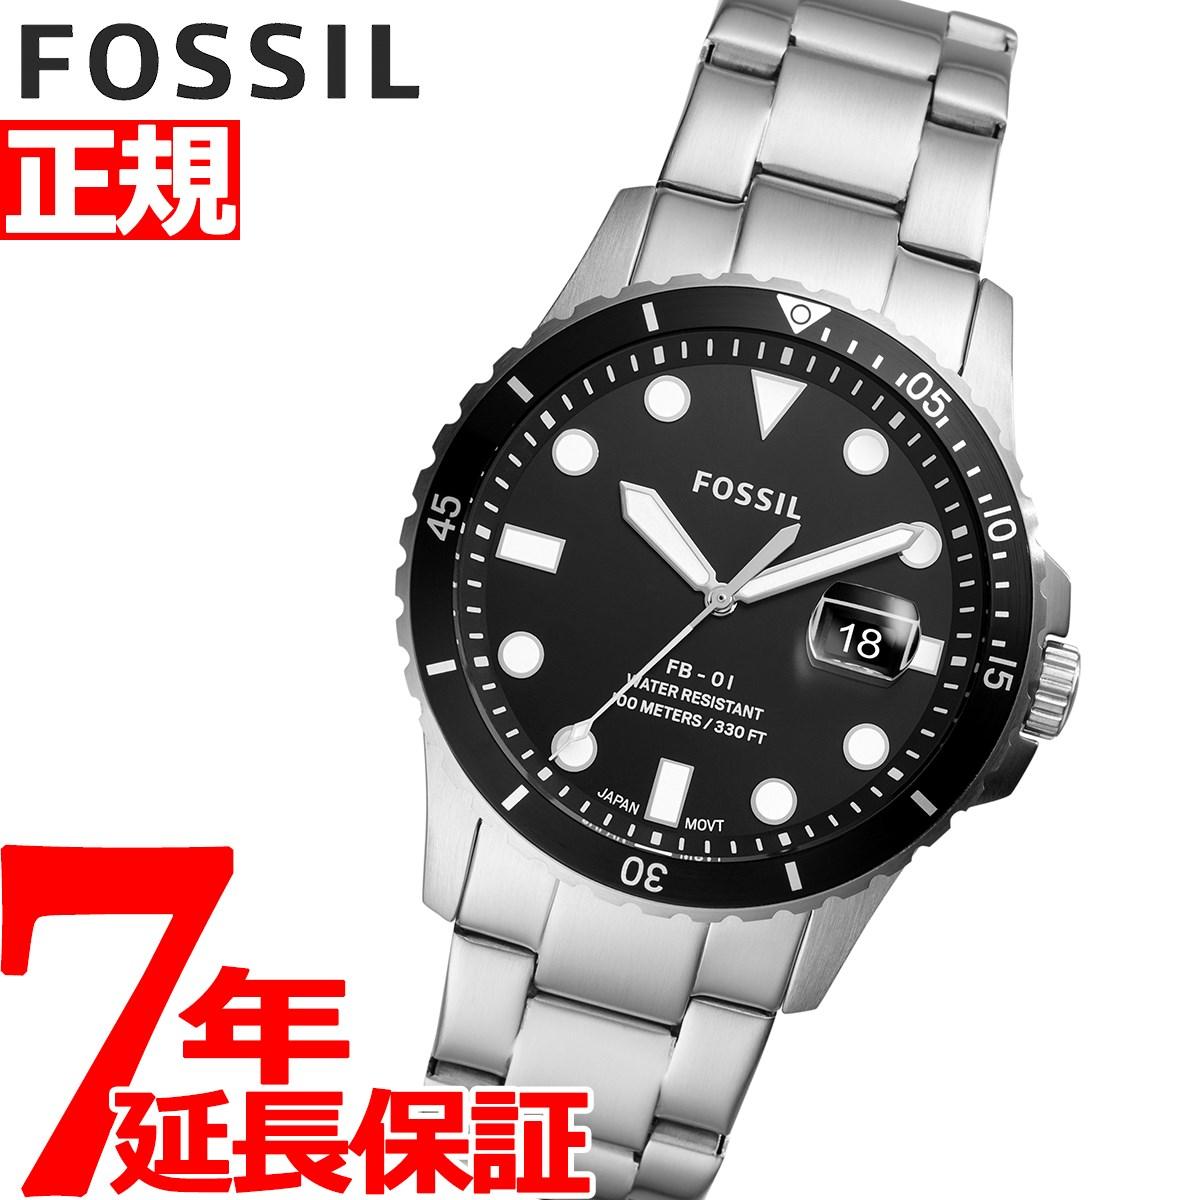 【5日0時~♪最大2000円OFFクーポン&店内ポイント最大51倍!5日23時59分まで】フォッシル FOSSIL 腕時計 メンズ FB-01 FS5652